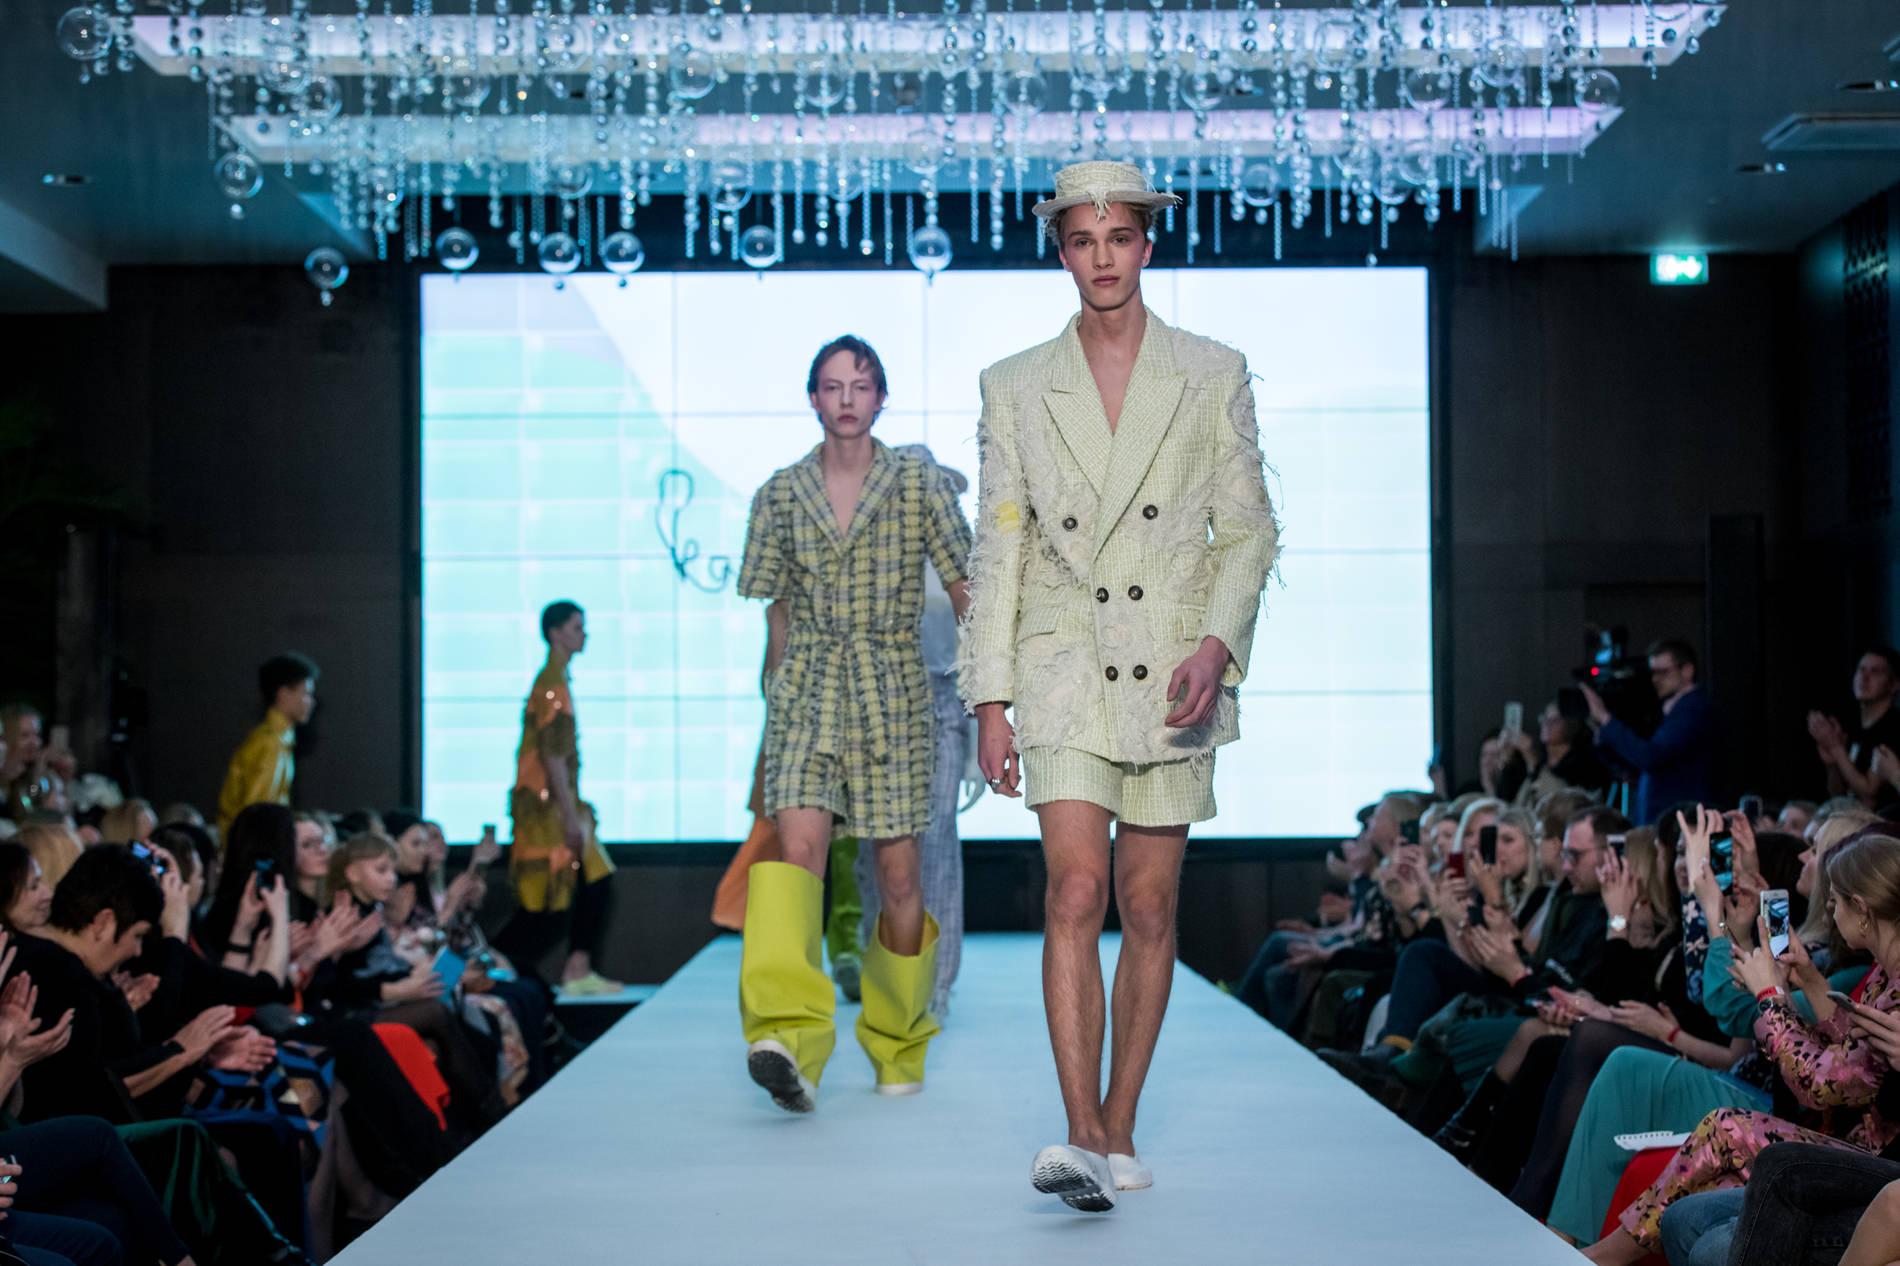 Catwalk at the Tallinn Fashion Week